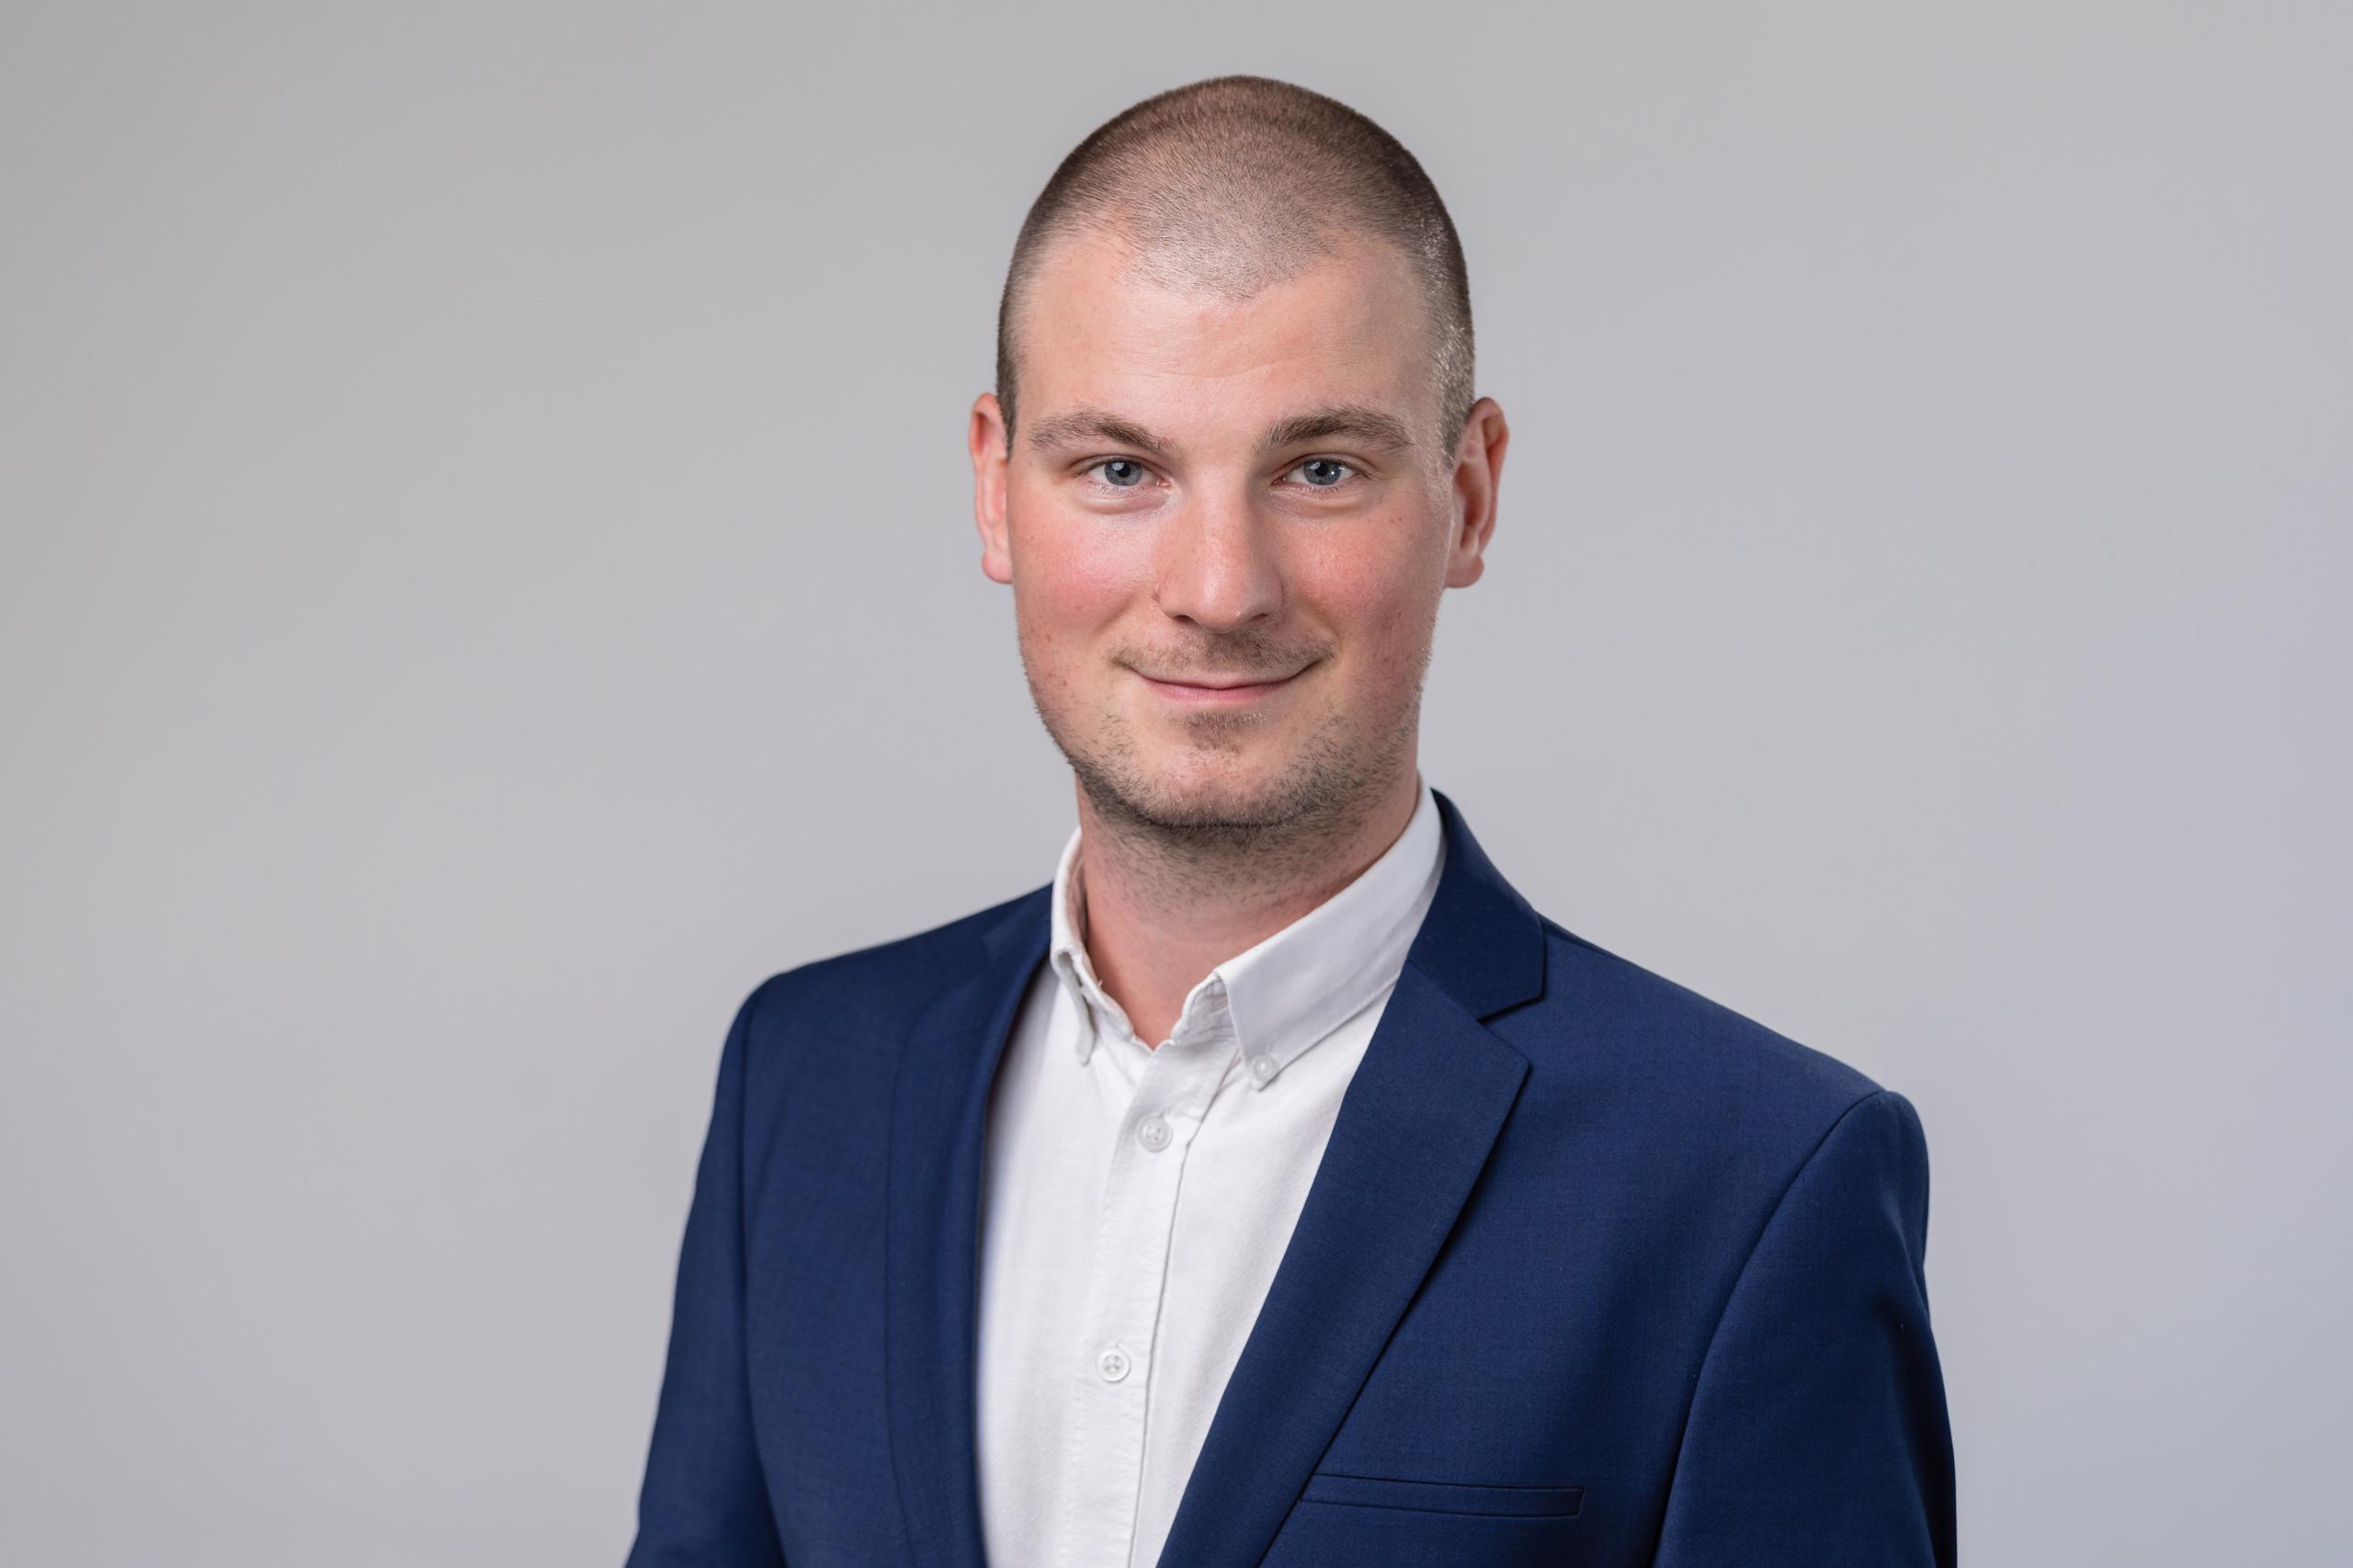 Tobias Beckmann, Presse & Öffentlichkeitsarbeit